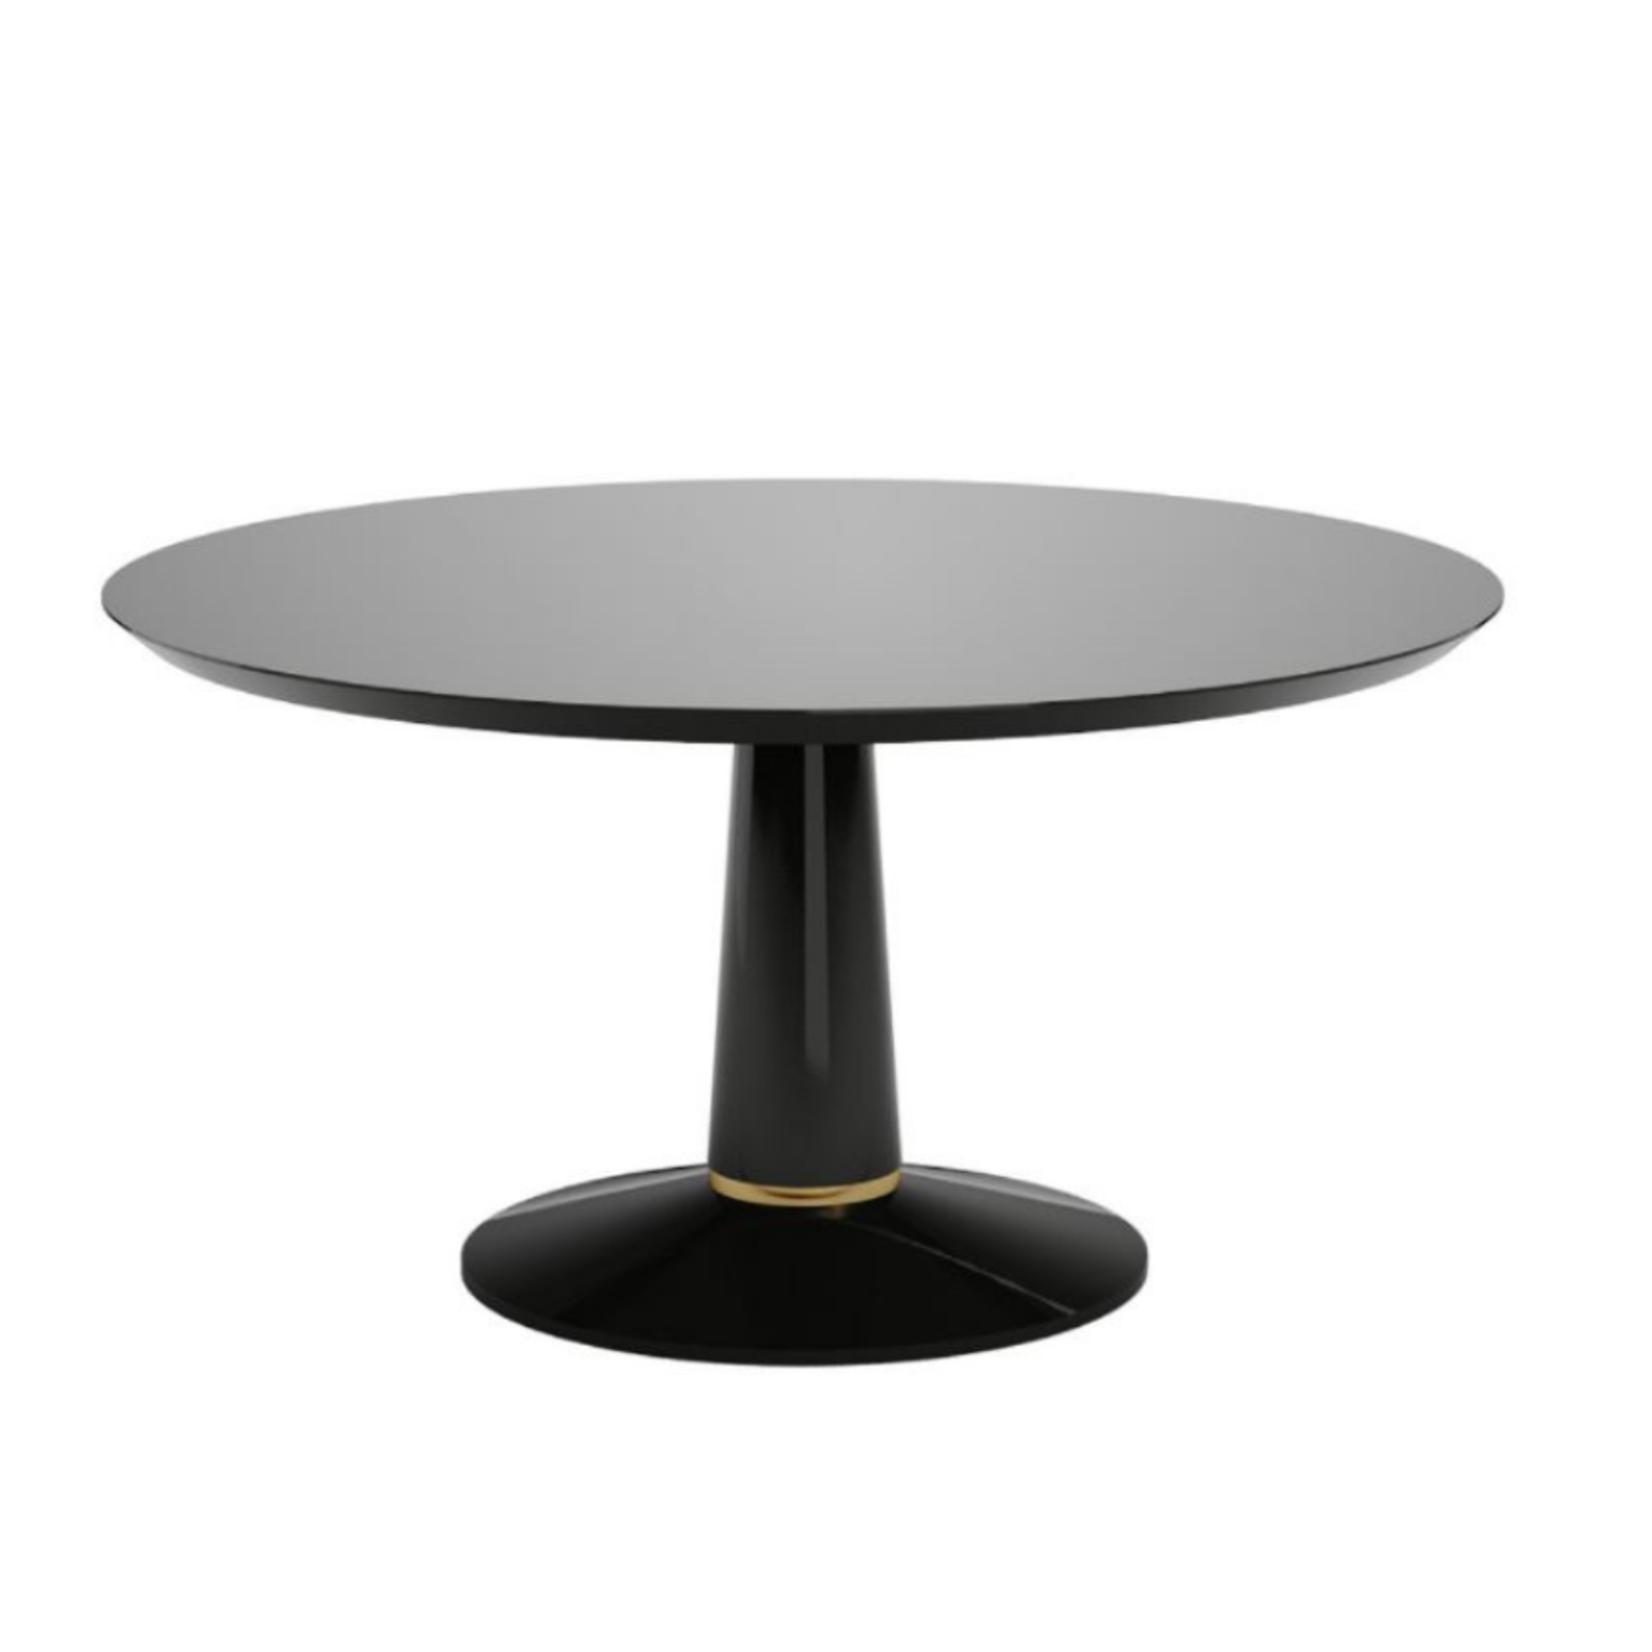 Harmony Studio Genebra Dining Table